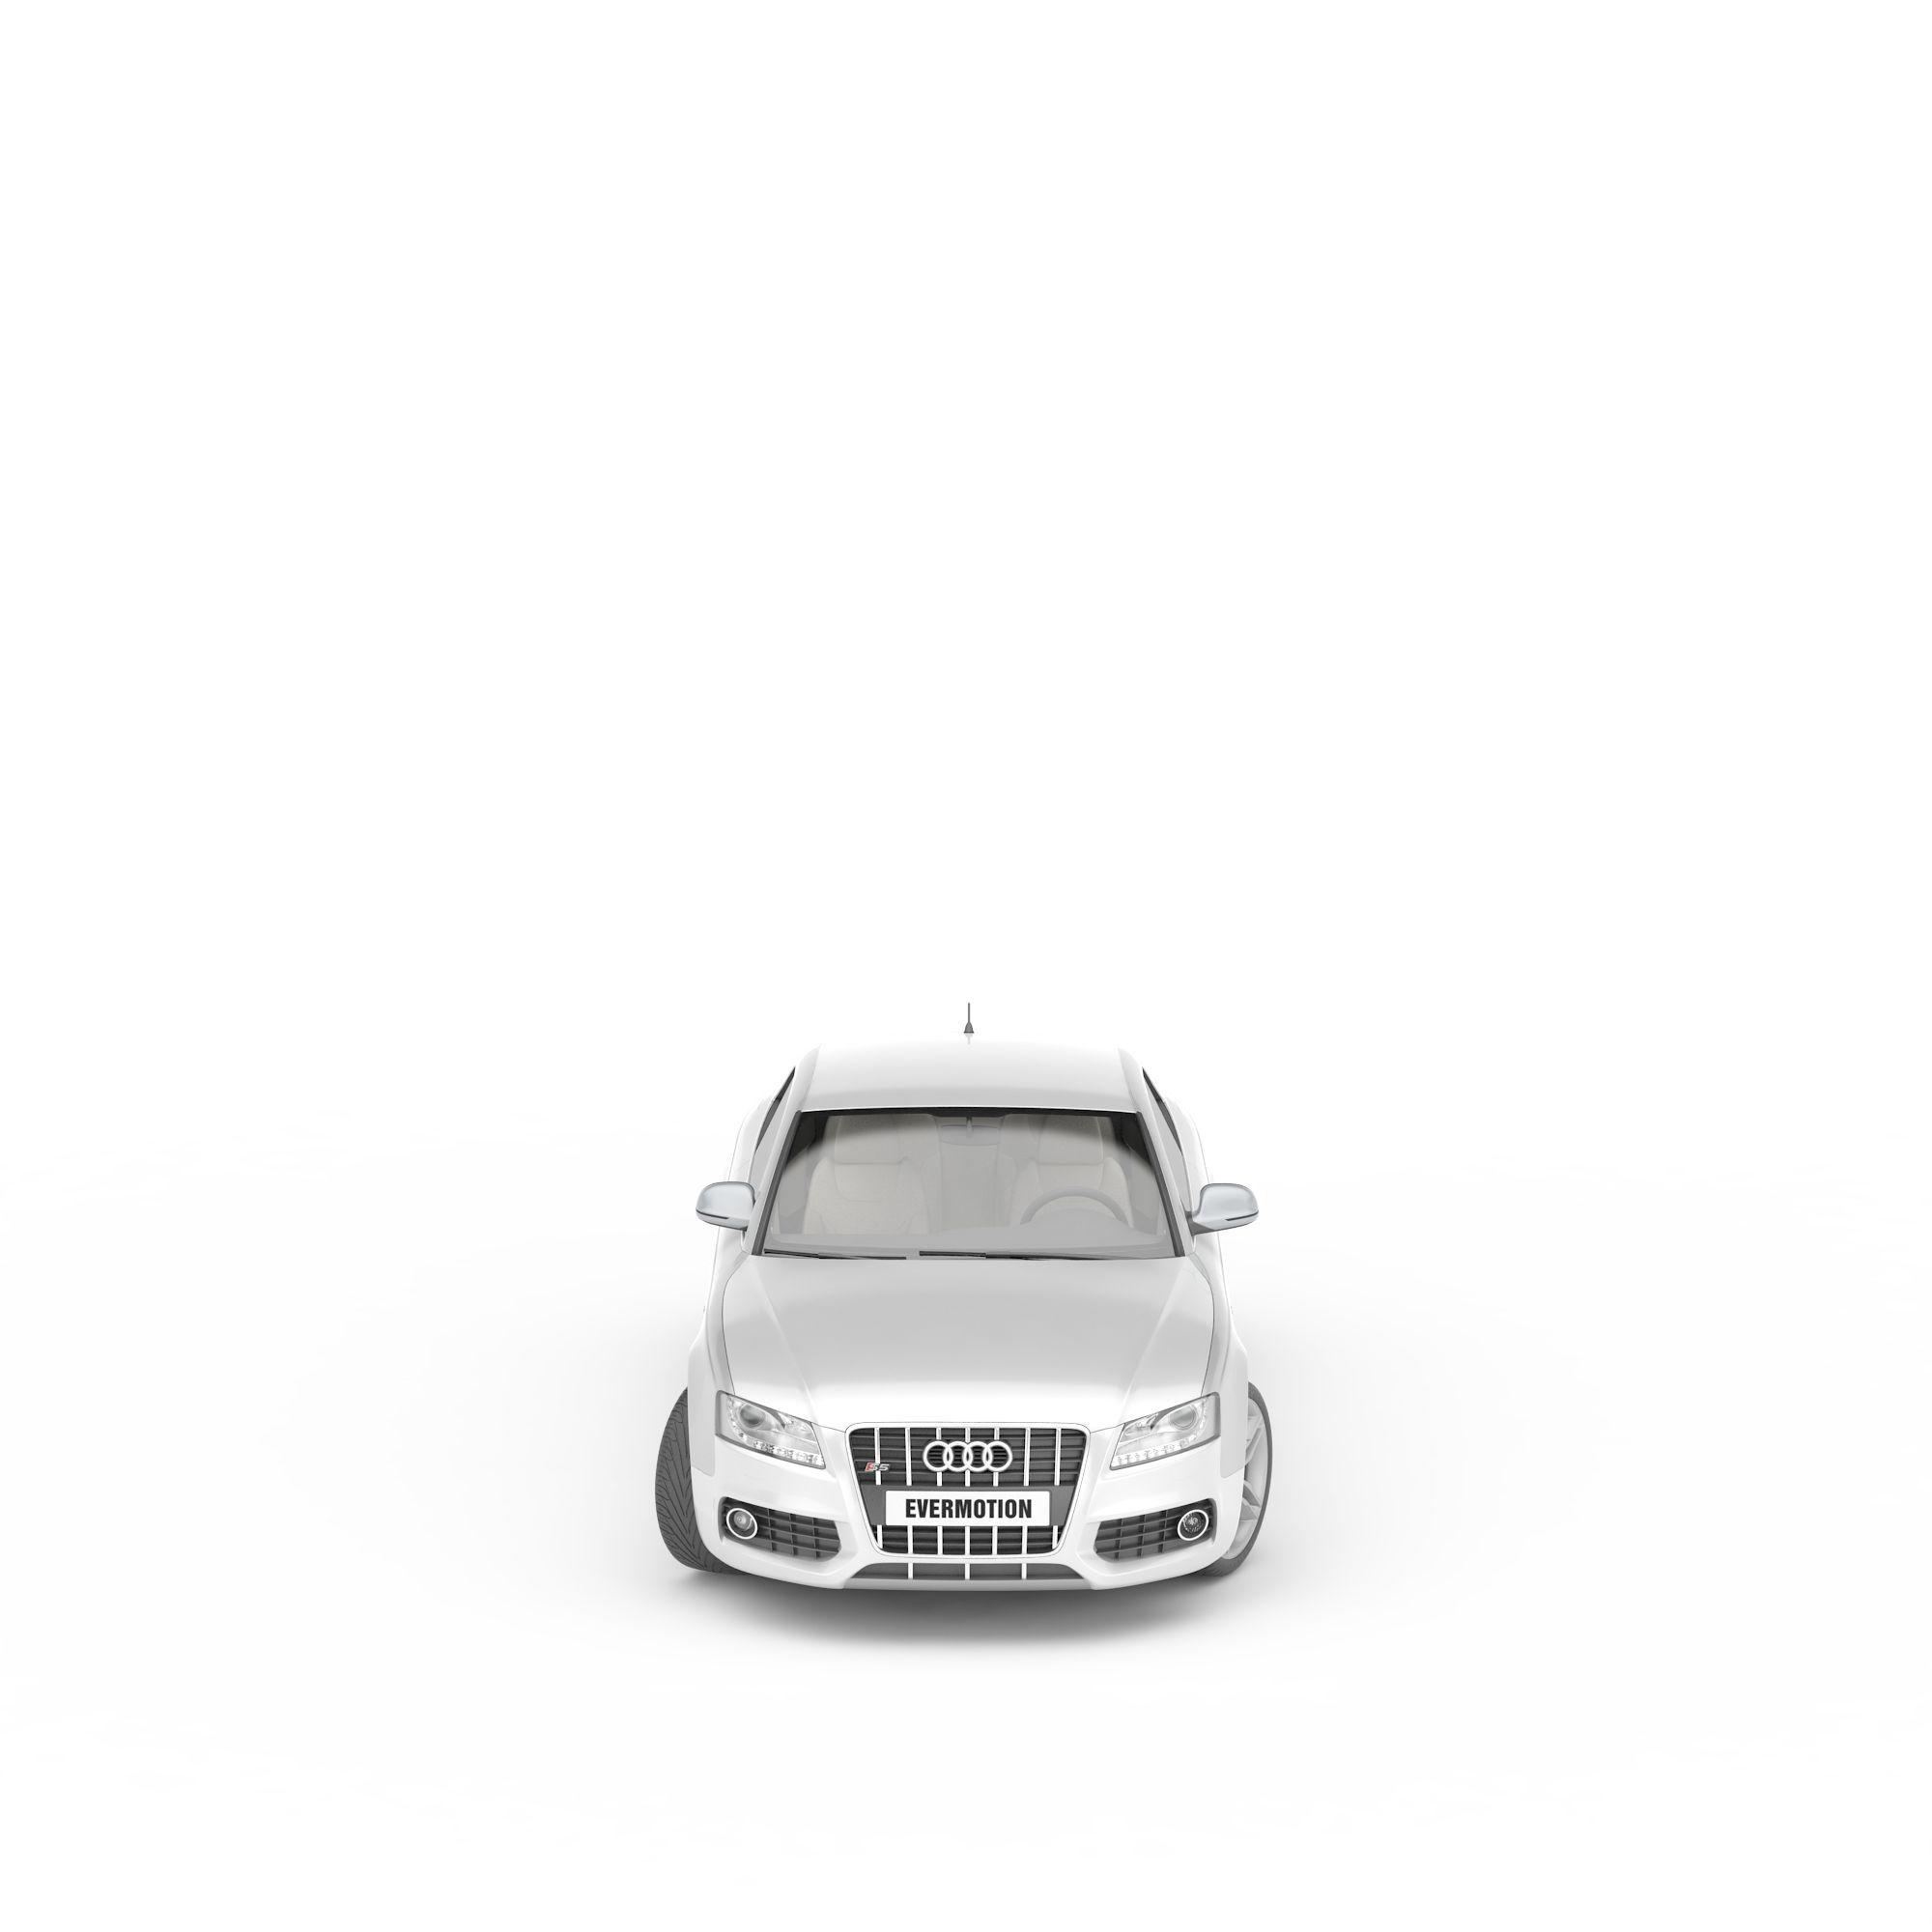 白色奥迪汽车png高清图片下载